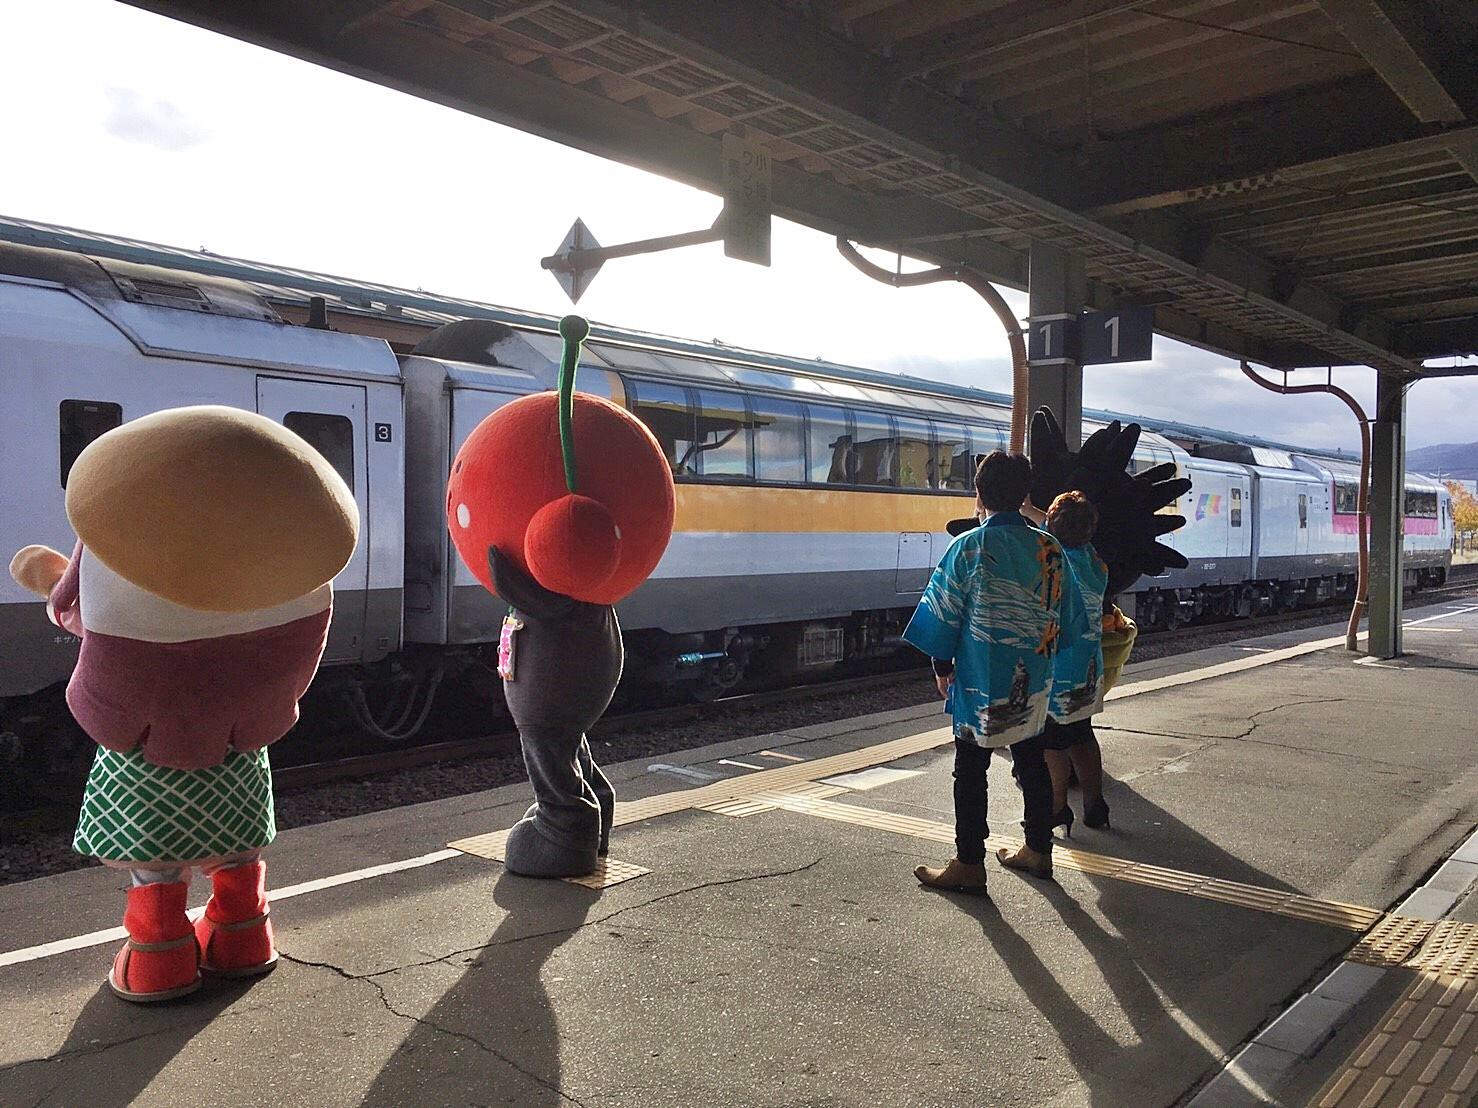 ノースレインボーエクスプレス 元気です 北海道号 余市駅 ご当地キャラお見送り_181117.JPG